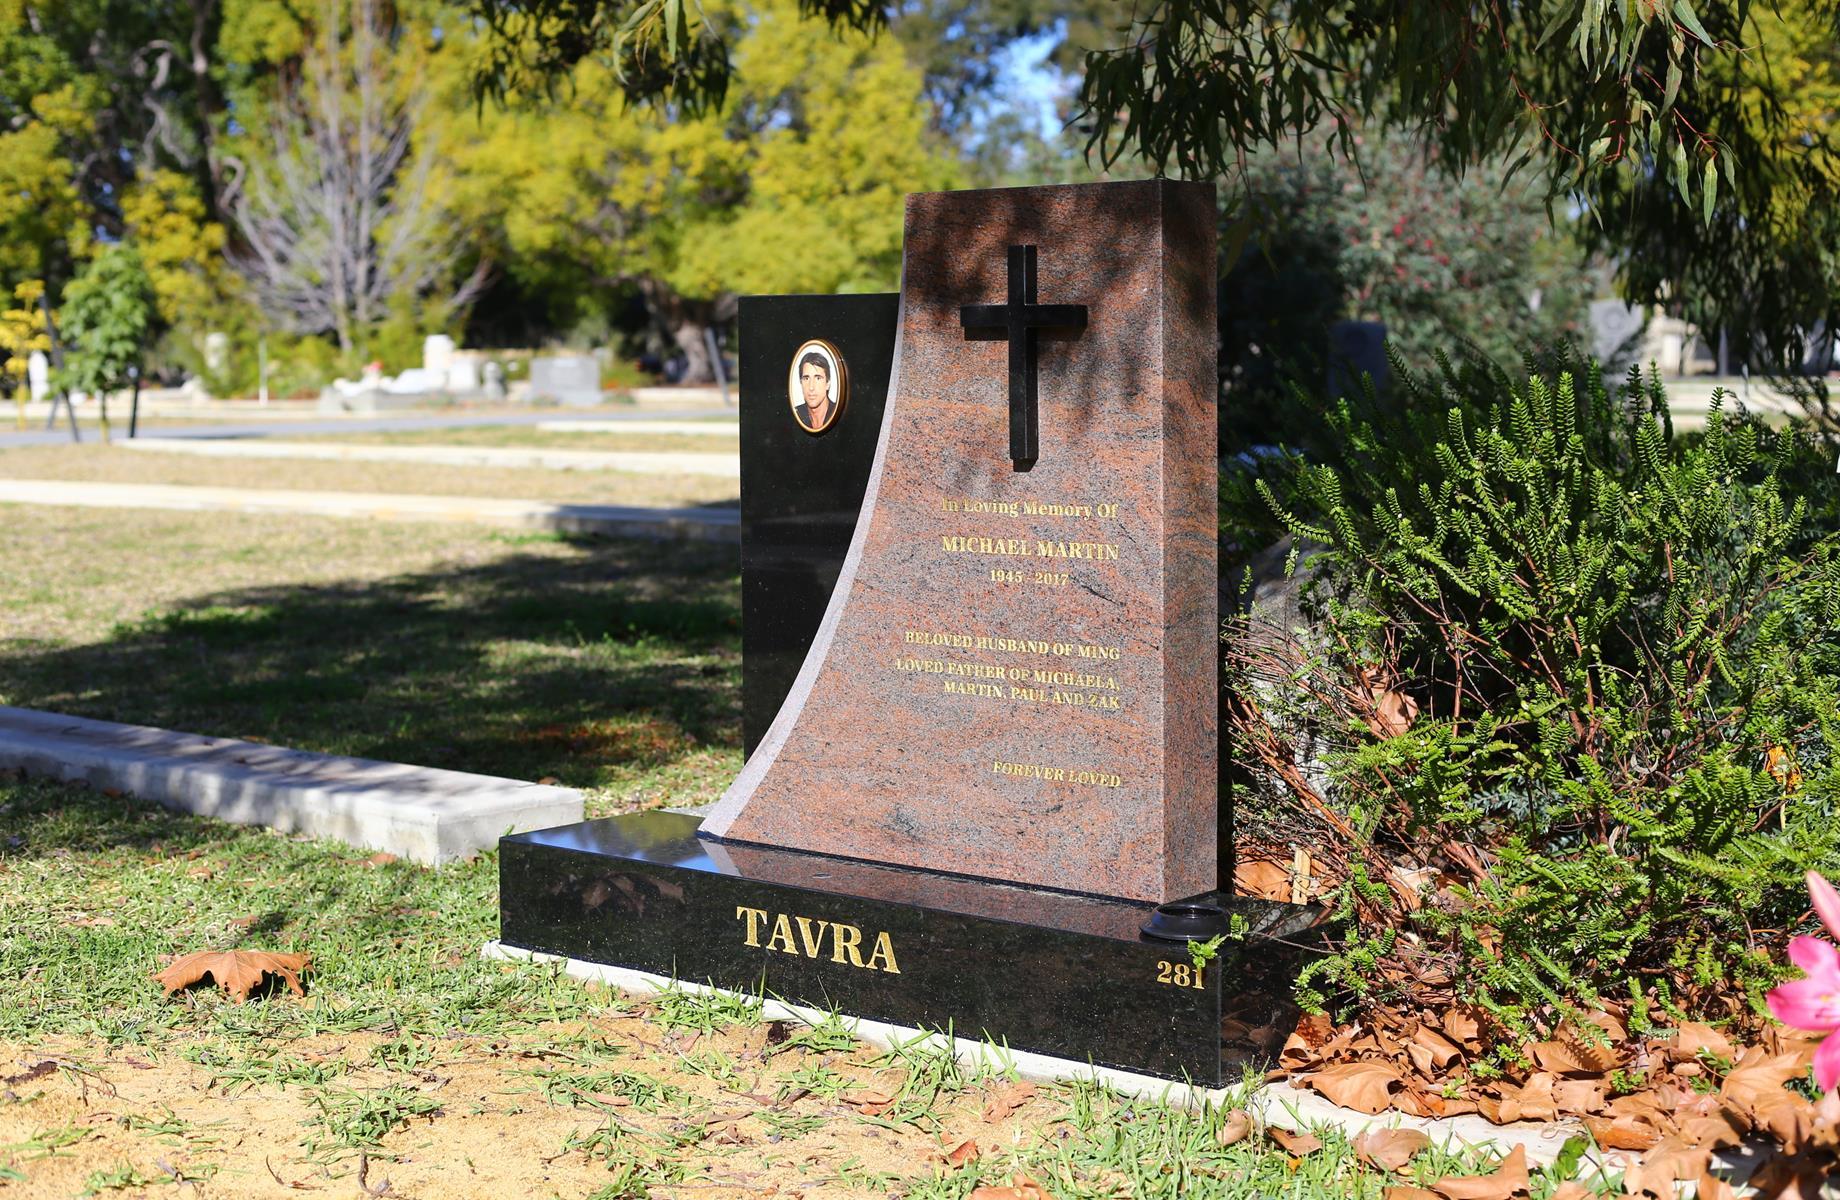 Tavra